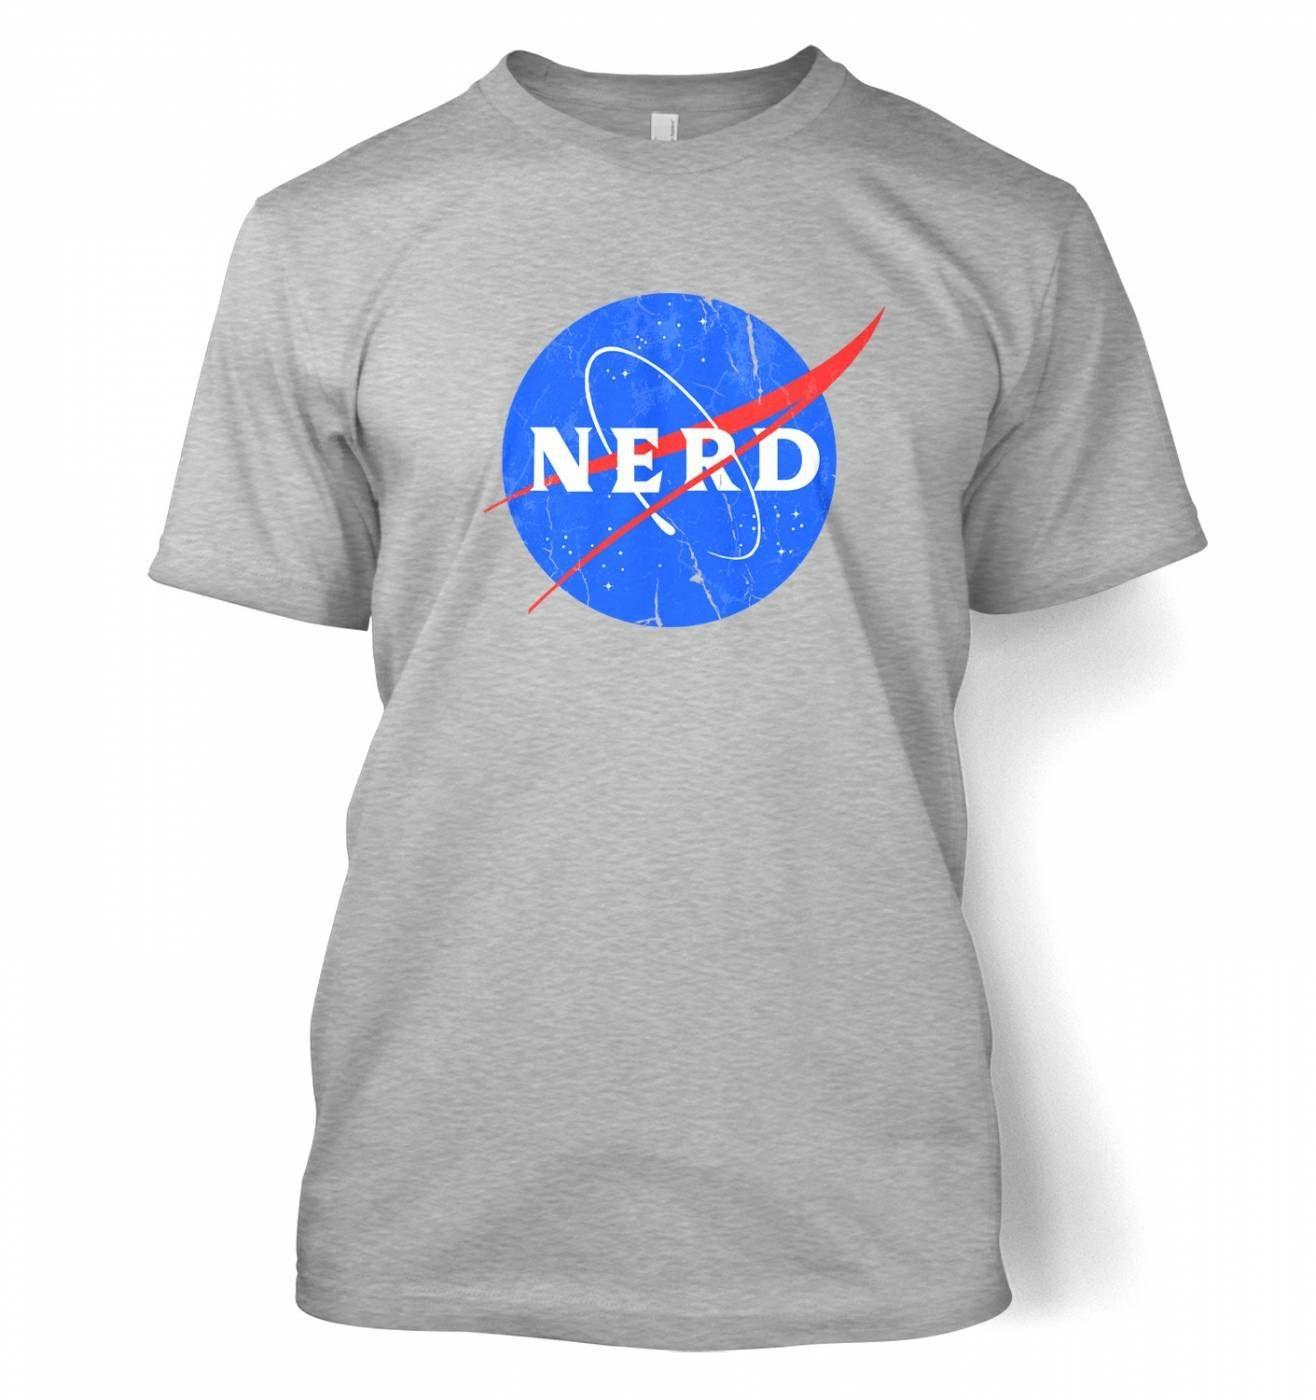 Nerd NASA logo t-shirt - Somethinggeeky